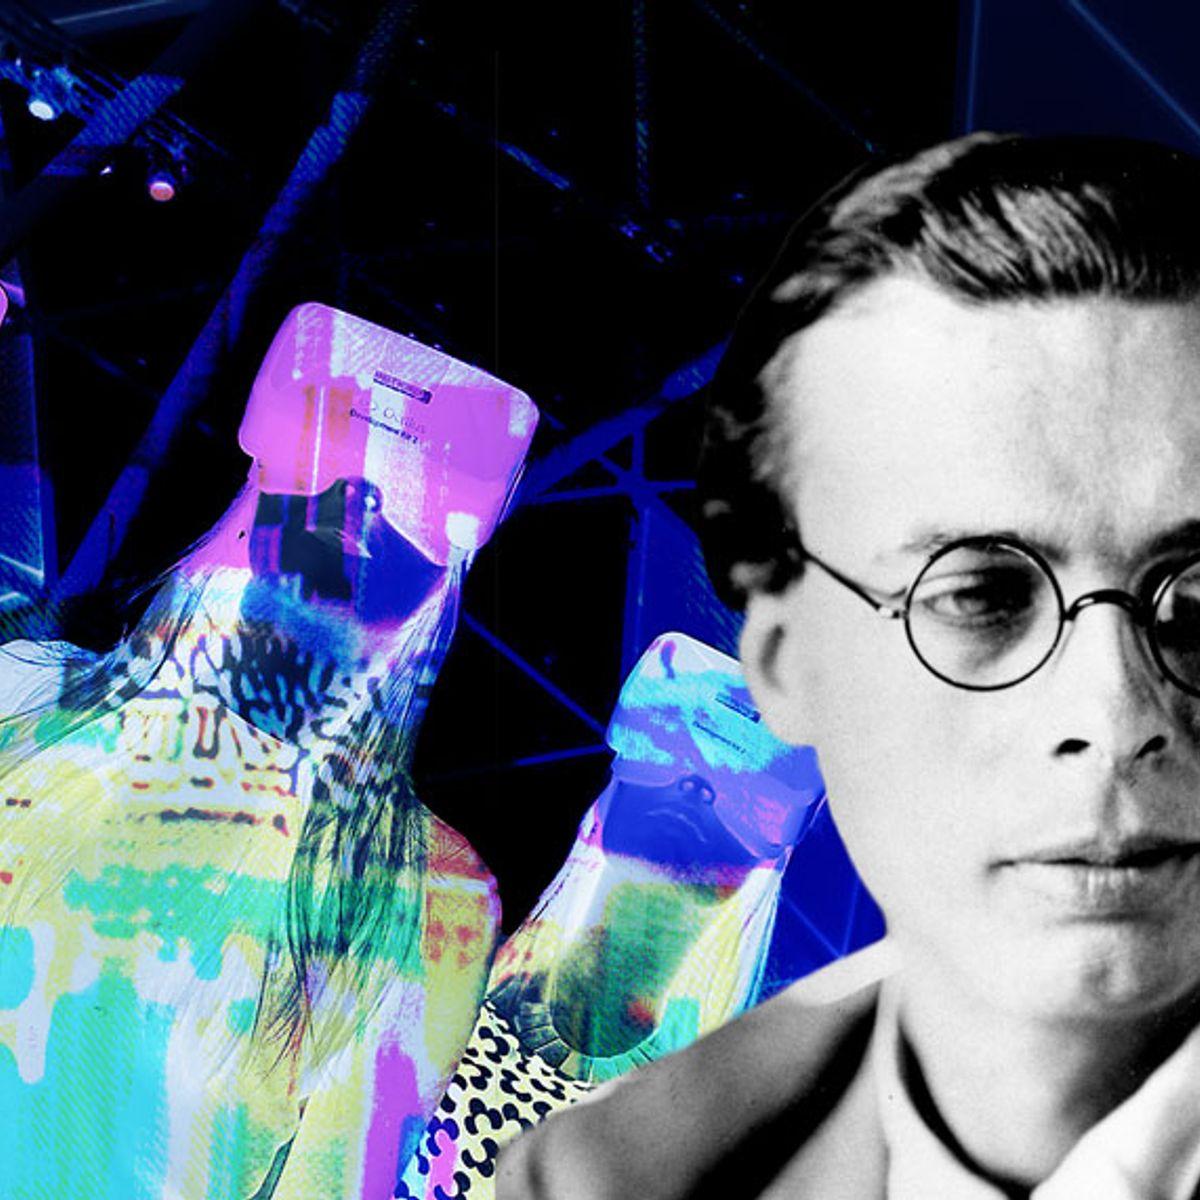 How Aldous Huxley prophesied the Big Data nightmare